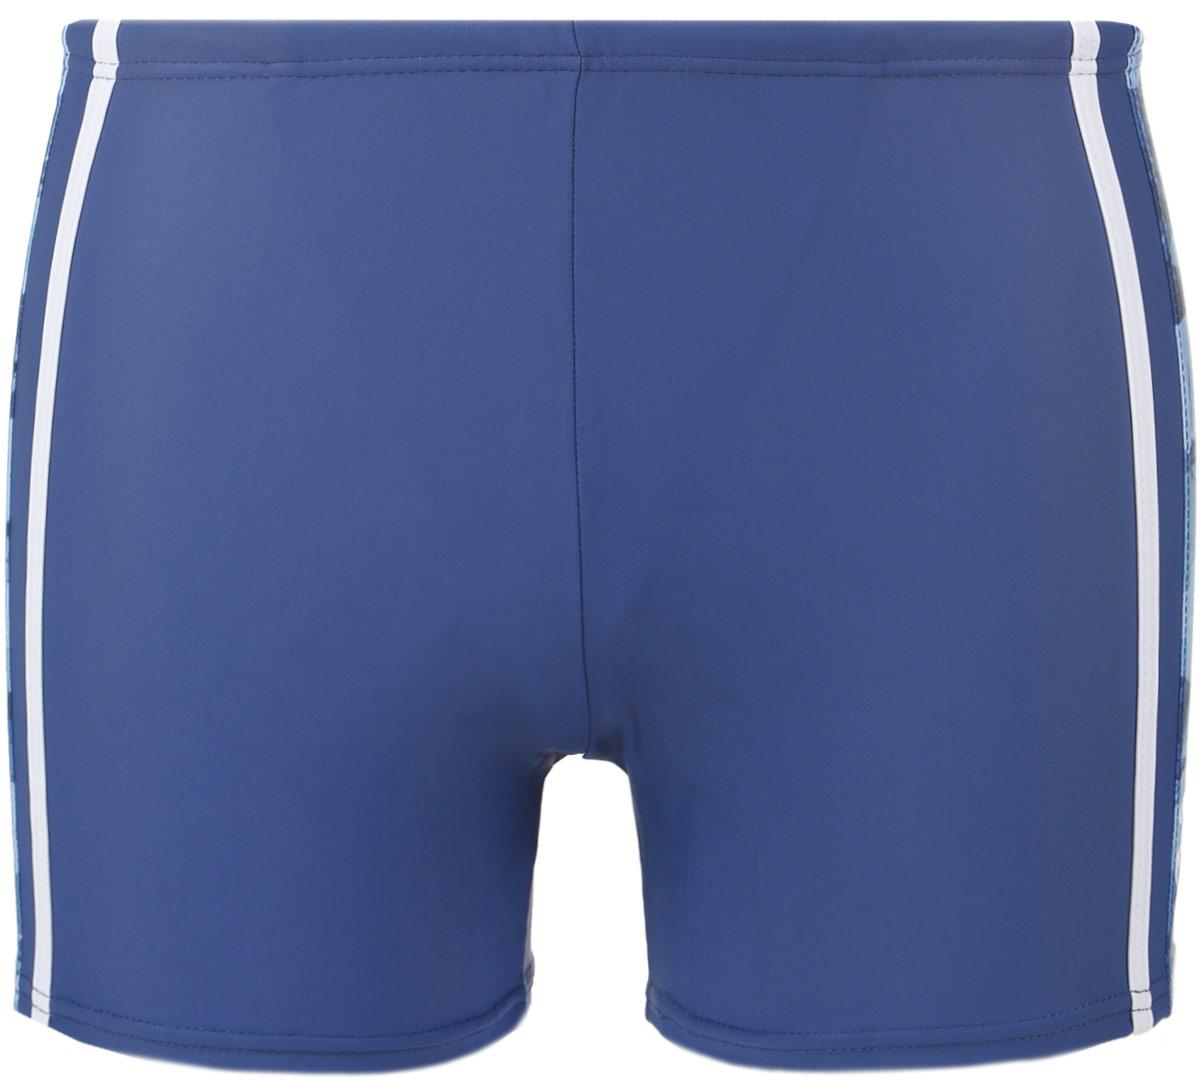 Плавки-шорты мужские Emdi, цвет: синий, голубой. 07-0603-200. Размер 4407-0603-200_41Мужские плавки-шорты Emdi, изготовленные из эластичного полиамида, быстро сохнут и сохраняют первоначальный вид и форму даже при длительном использовании. Удобная посадка, плоские швы и широкая резинка на талии, регулируемая скрытым шнурком, обеспечат наибольший комфорт. Оформлено изделие контрастными боковыми вставками, лампасами и термоаппликацией в виде названия бренда. Модель создана для тех, кто предпочитает удобство, практичность и современный дизайн. Плавки-шорты подходят как для занятий спортом, так и для пляжного отдыха.